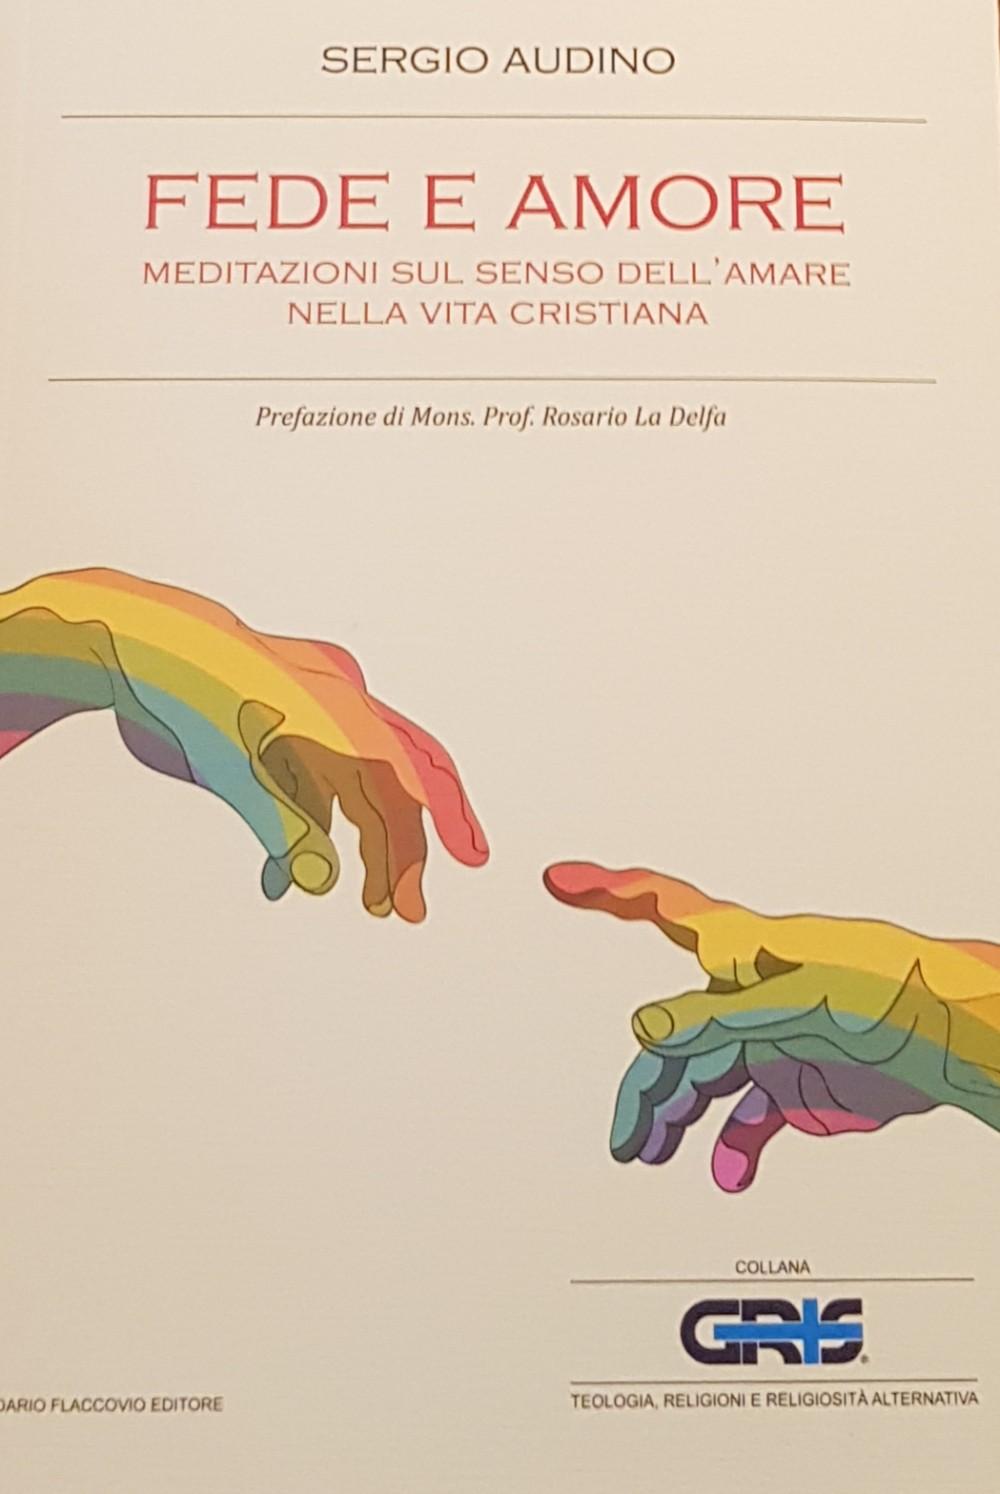 Fede e Amore del Dr. Sergio Audino